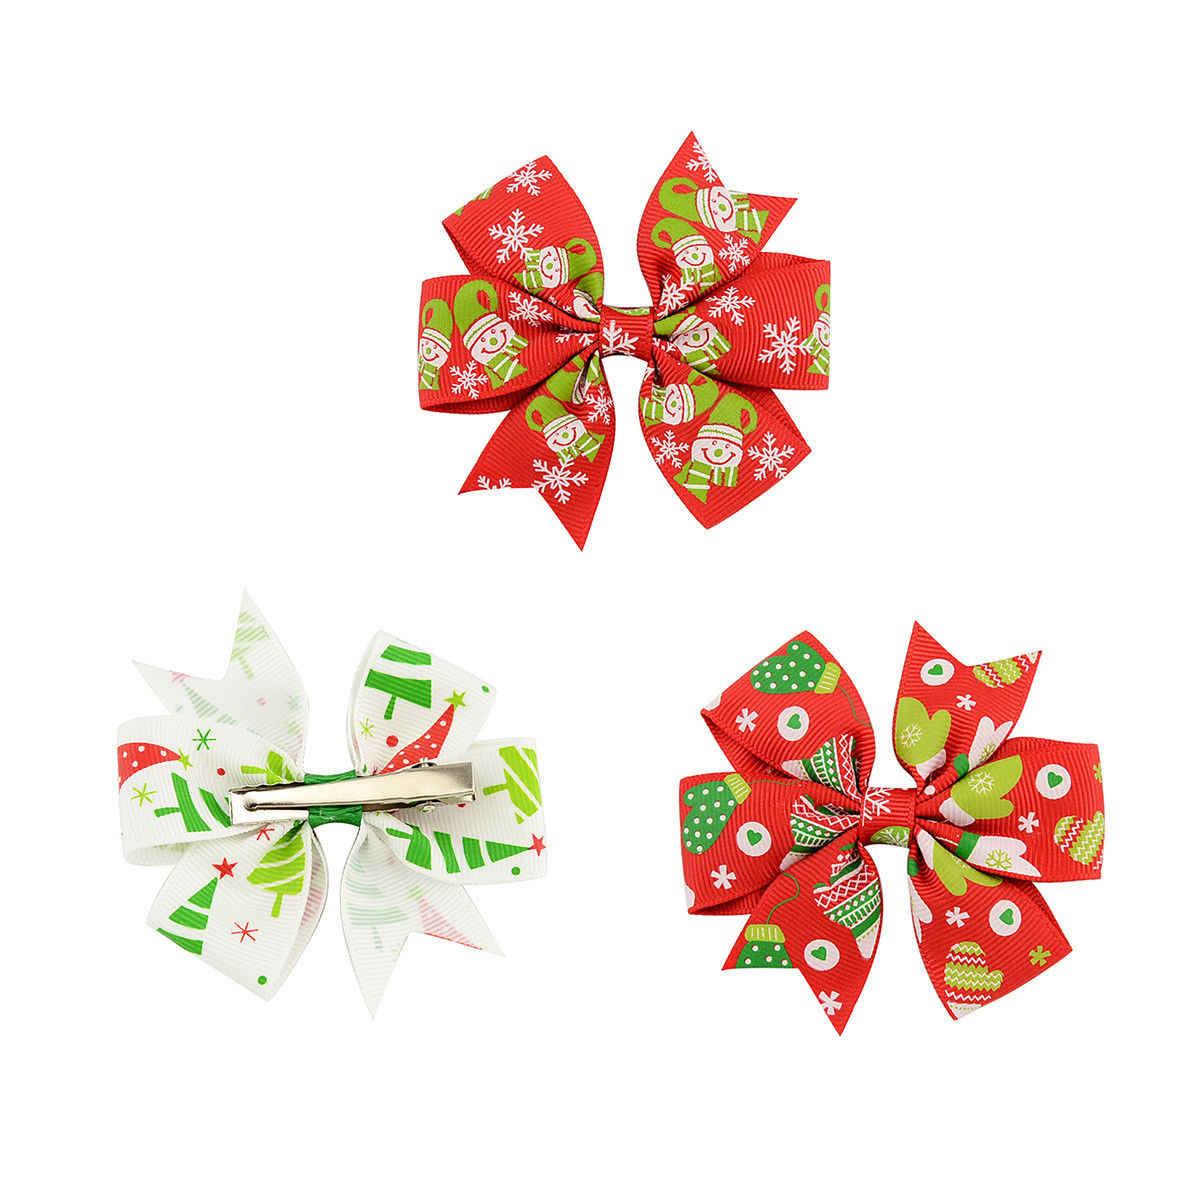 2018 חדש לגמרי בעבודת יד קשת שיער קליפ תנין קליפים ילדי בנות חג המולד סרט ילדים הצדדים אביזרי סנטה איש שלג שיער פין מתנות